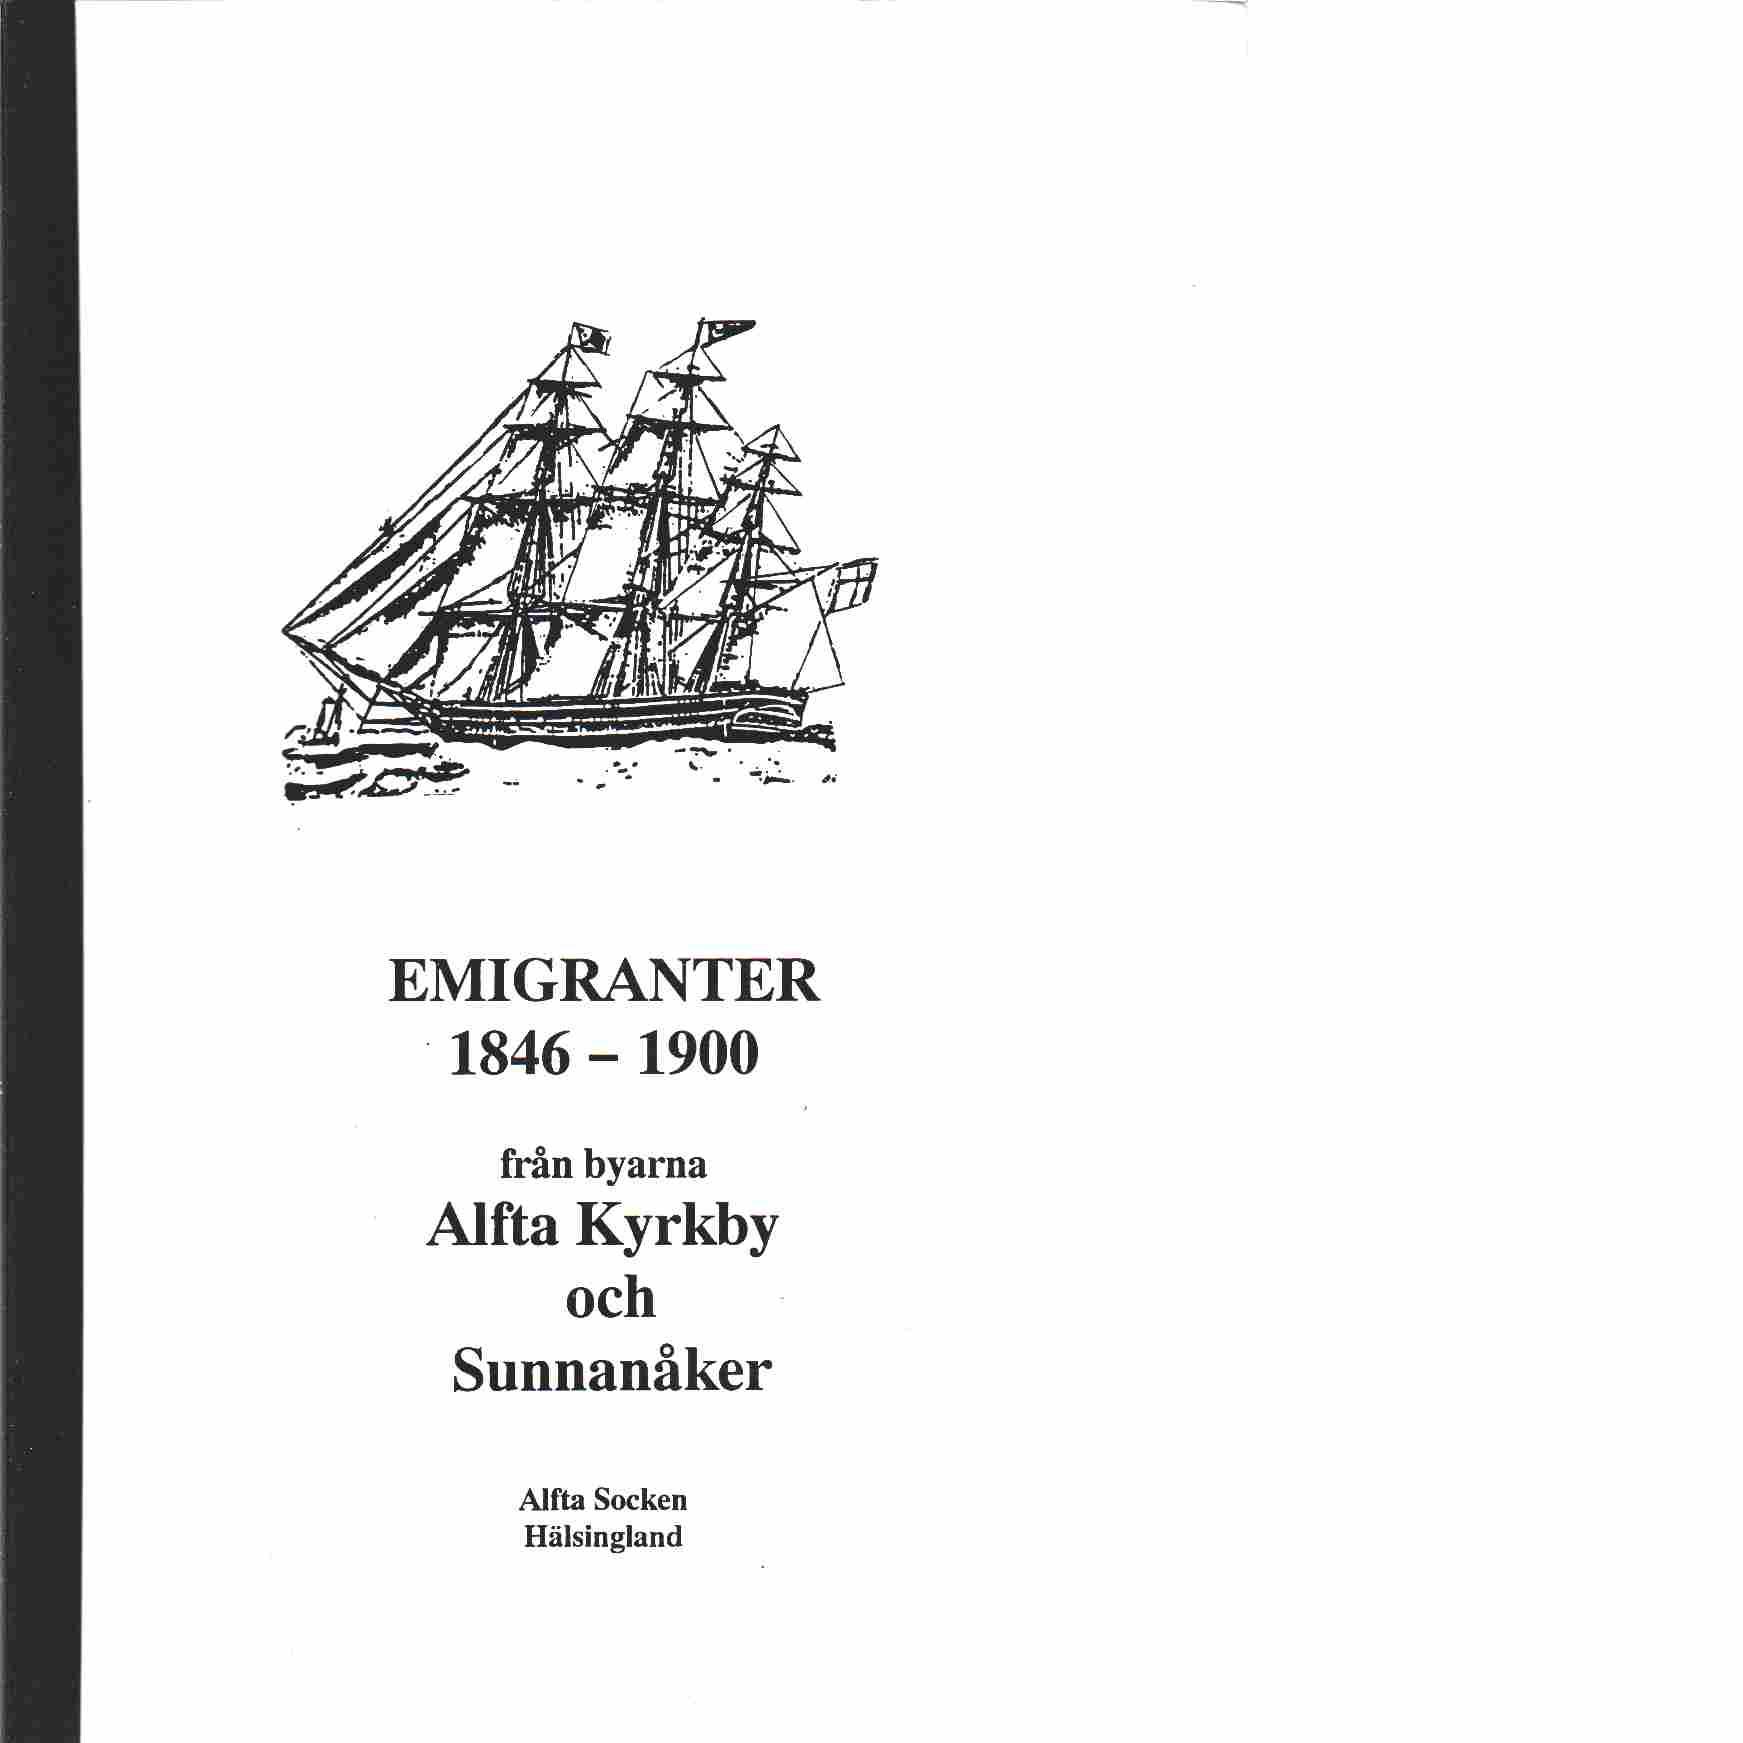 Emigranter 1846 - 1900 - från byarna Alfta Kyrkby och Sunnanåker - Red.